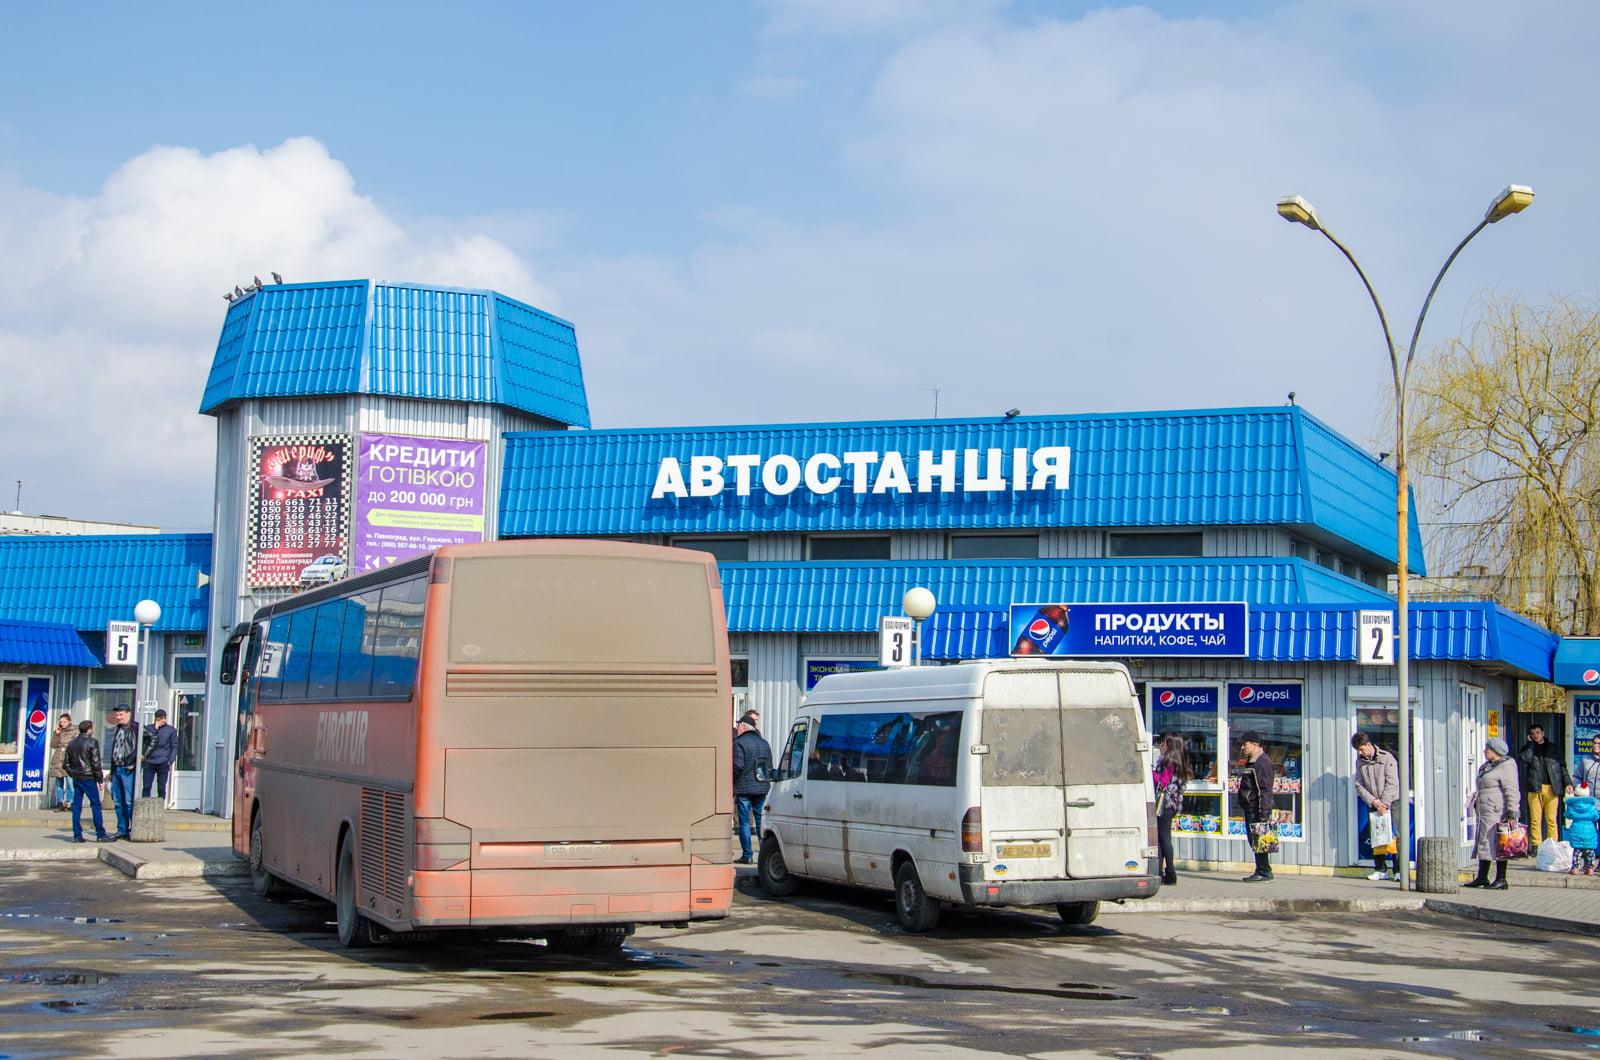 автостанция Павлоград перевозчики